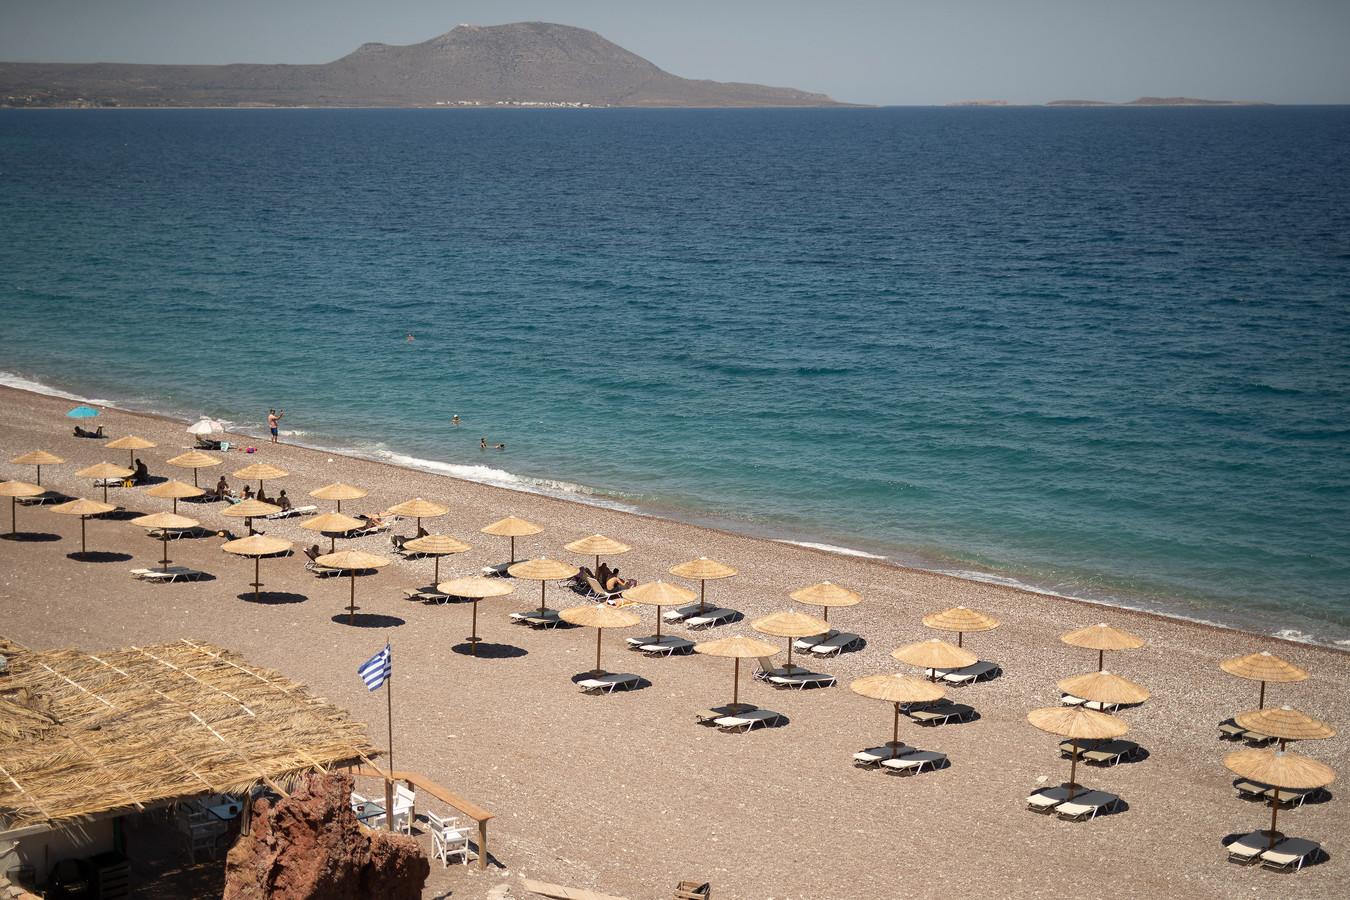 Een leeg strand tijdens de afgelopen zomer op het Griekse eiland Kithira. De Grieken willen dat de toeristenstroom weer op gang komt.